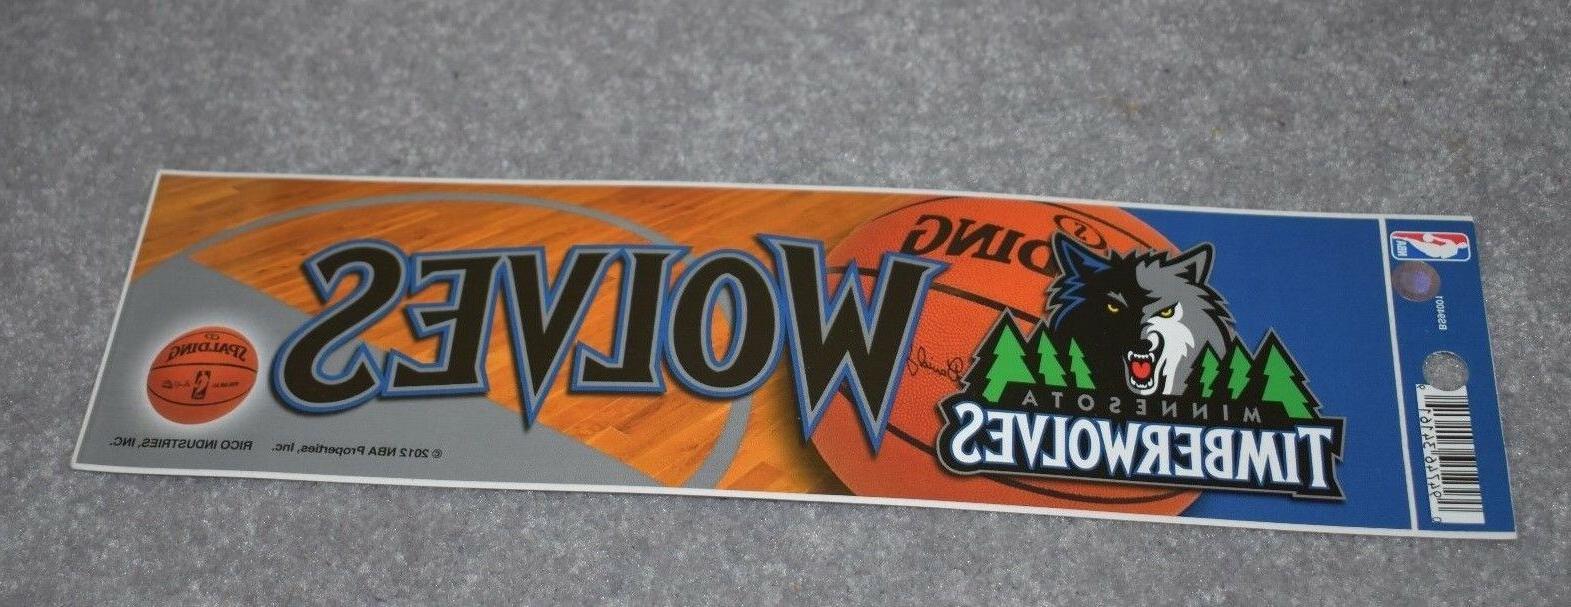 minnesota timberwolves nba basketball sports bumper sticker